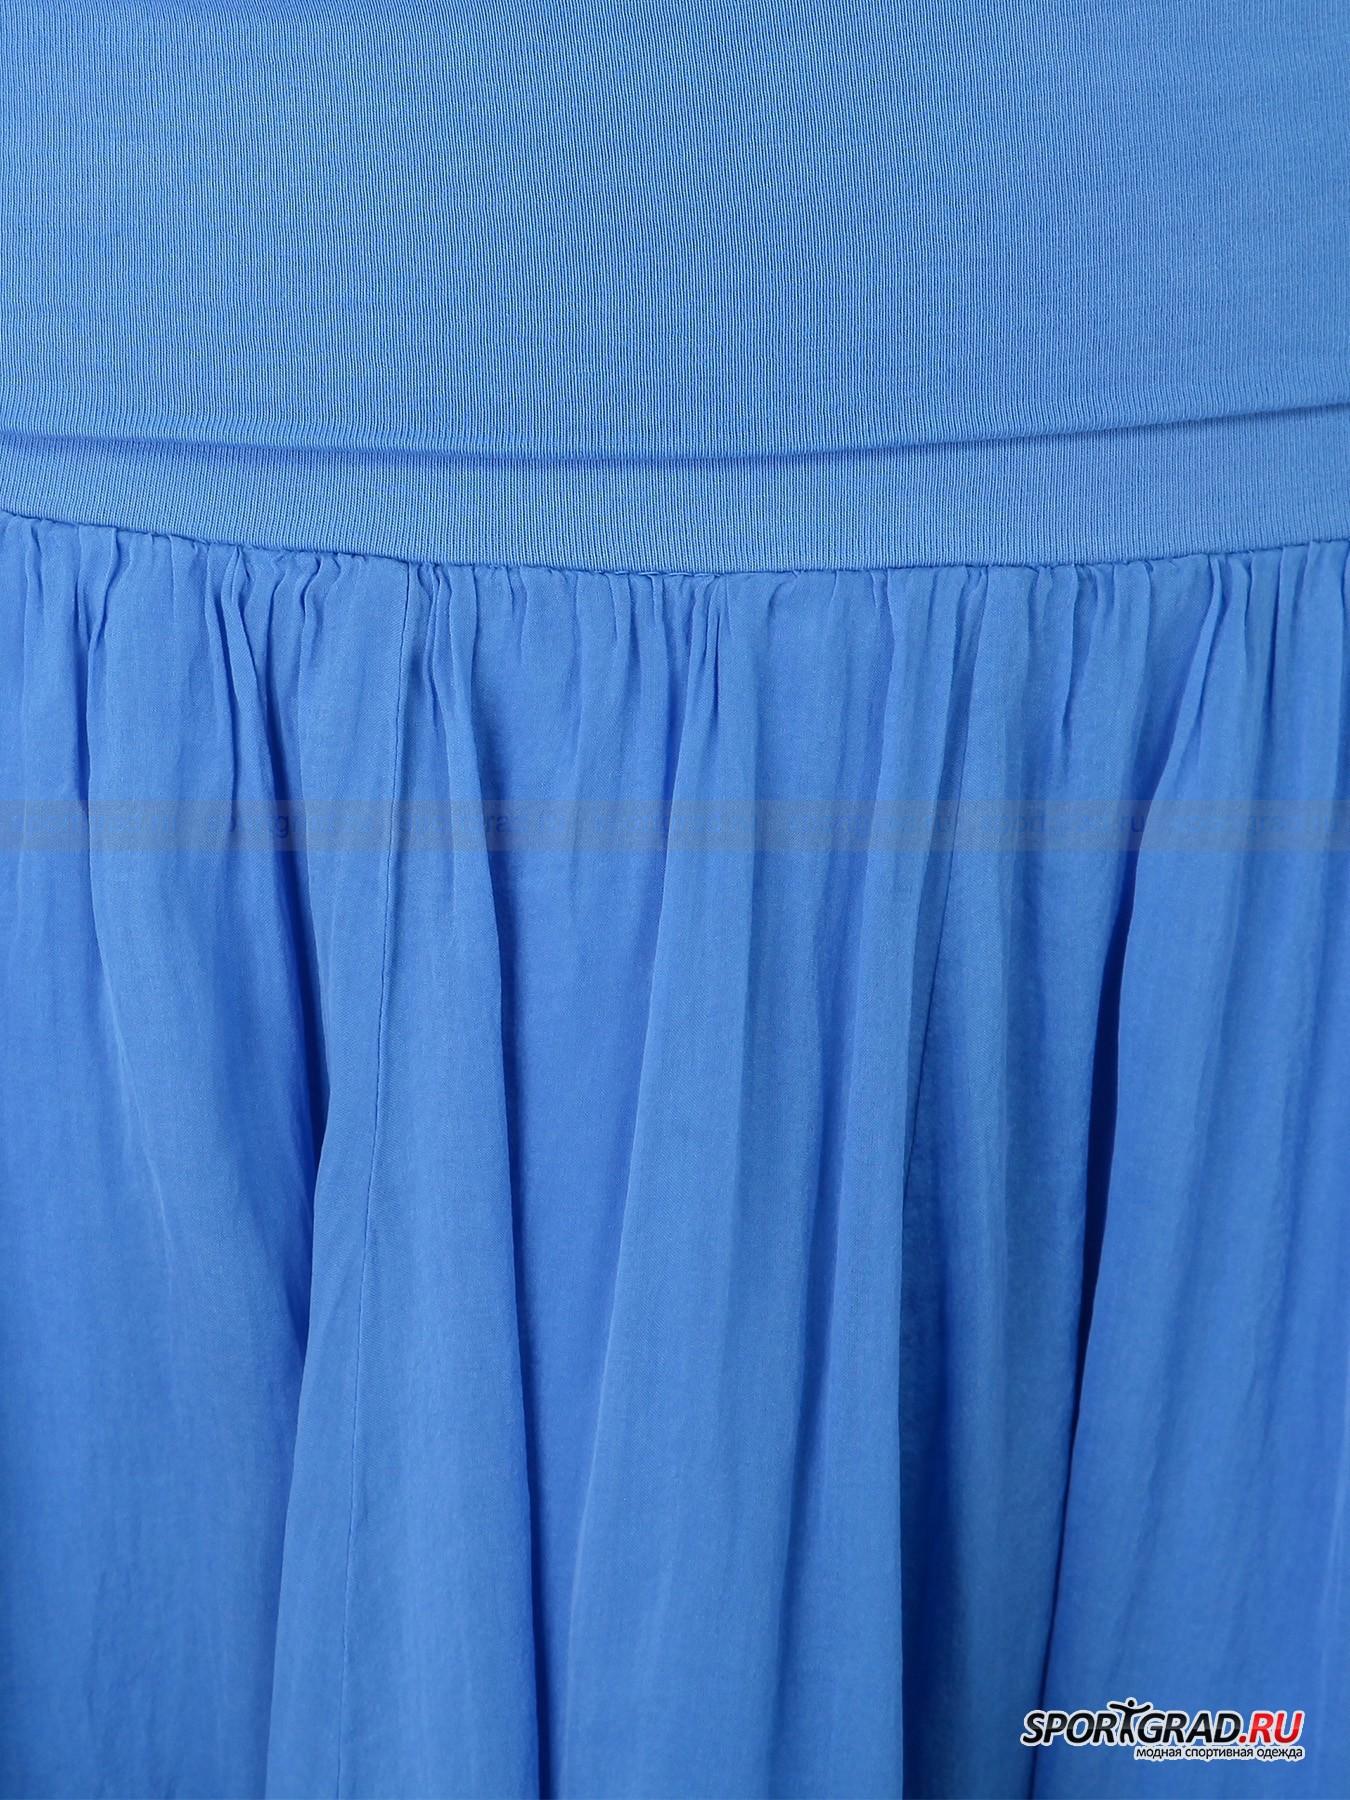 Юбка женская с верхним слоем из шелка DEHA от Спортград